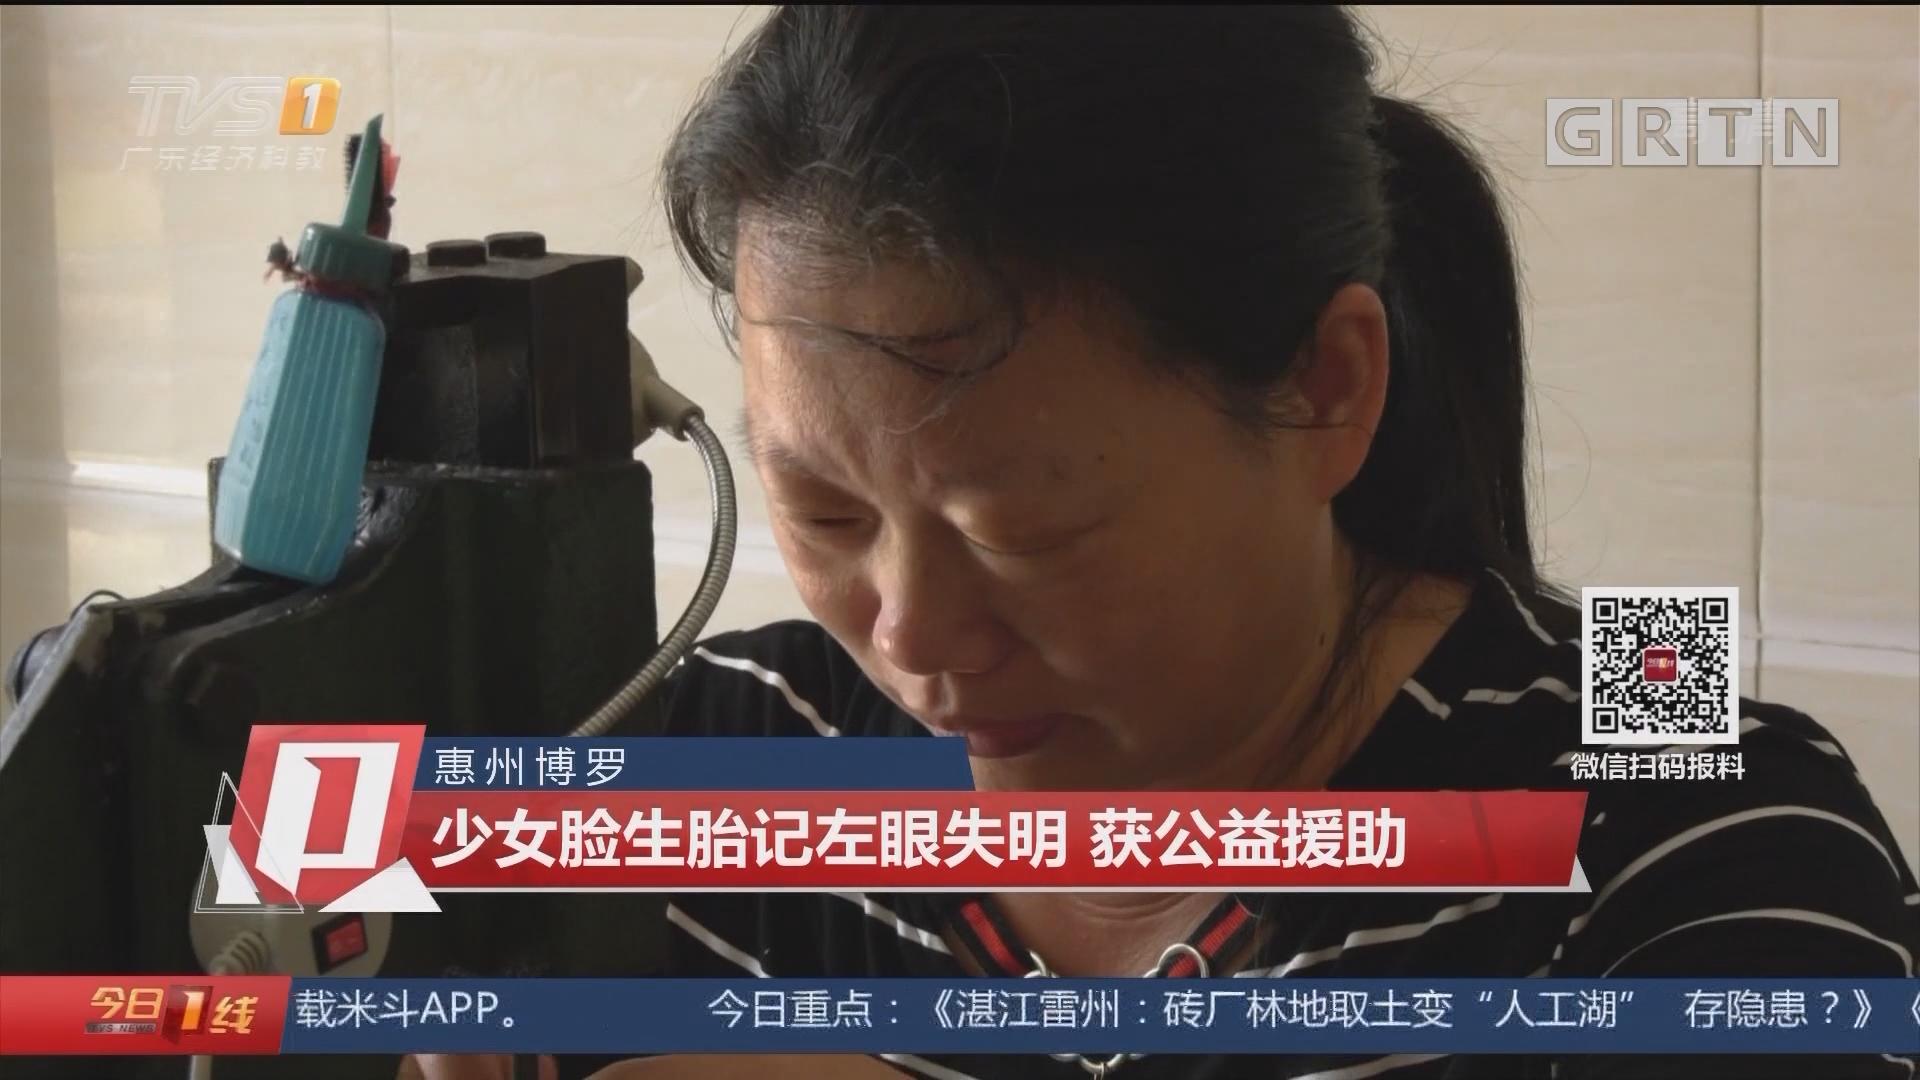 惠州博罗:少女脸生胎记左眼失明 获公益援助